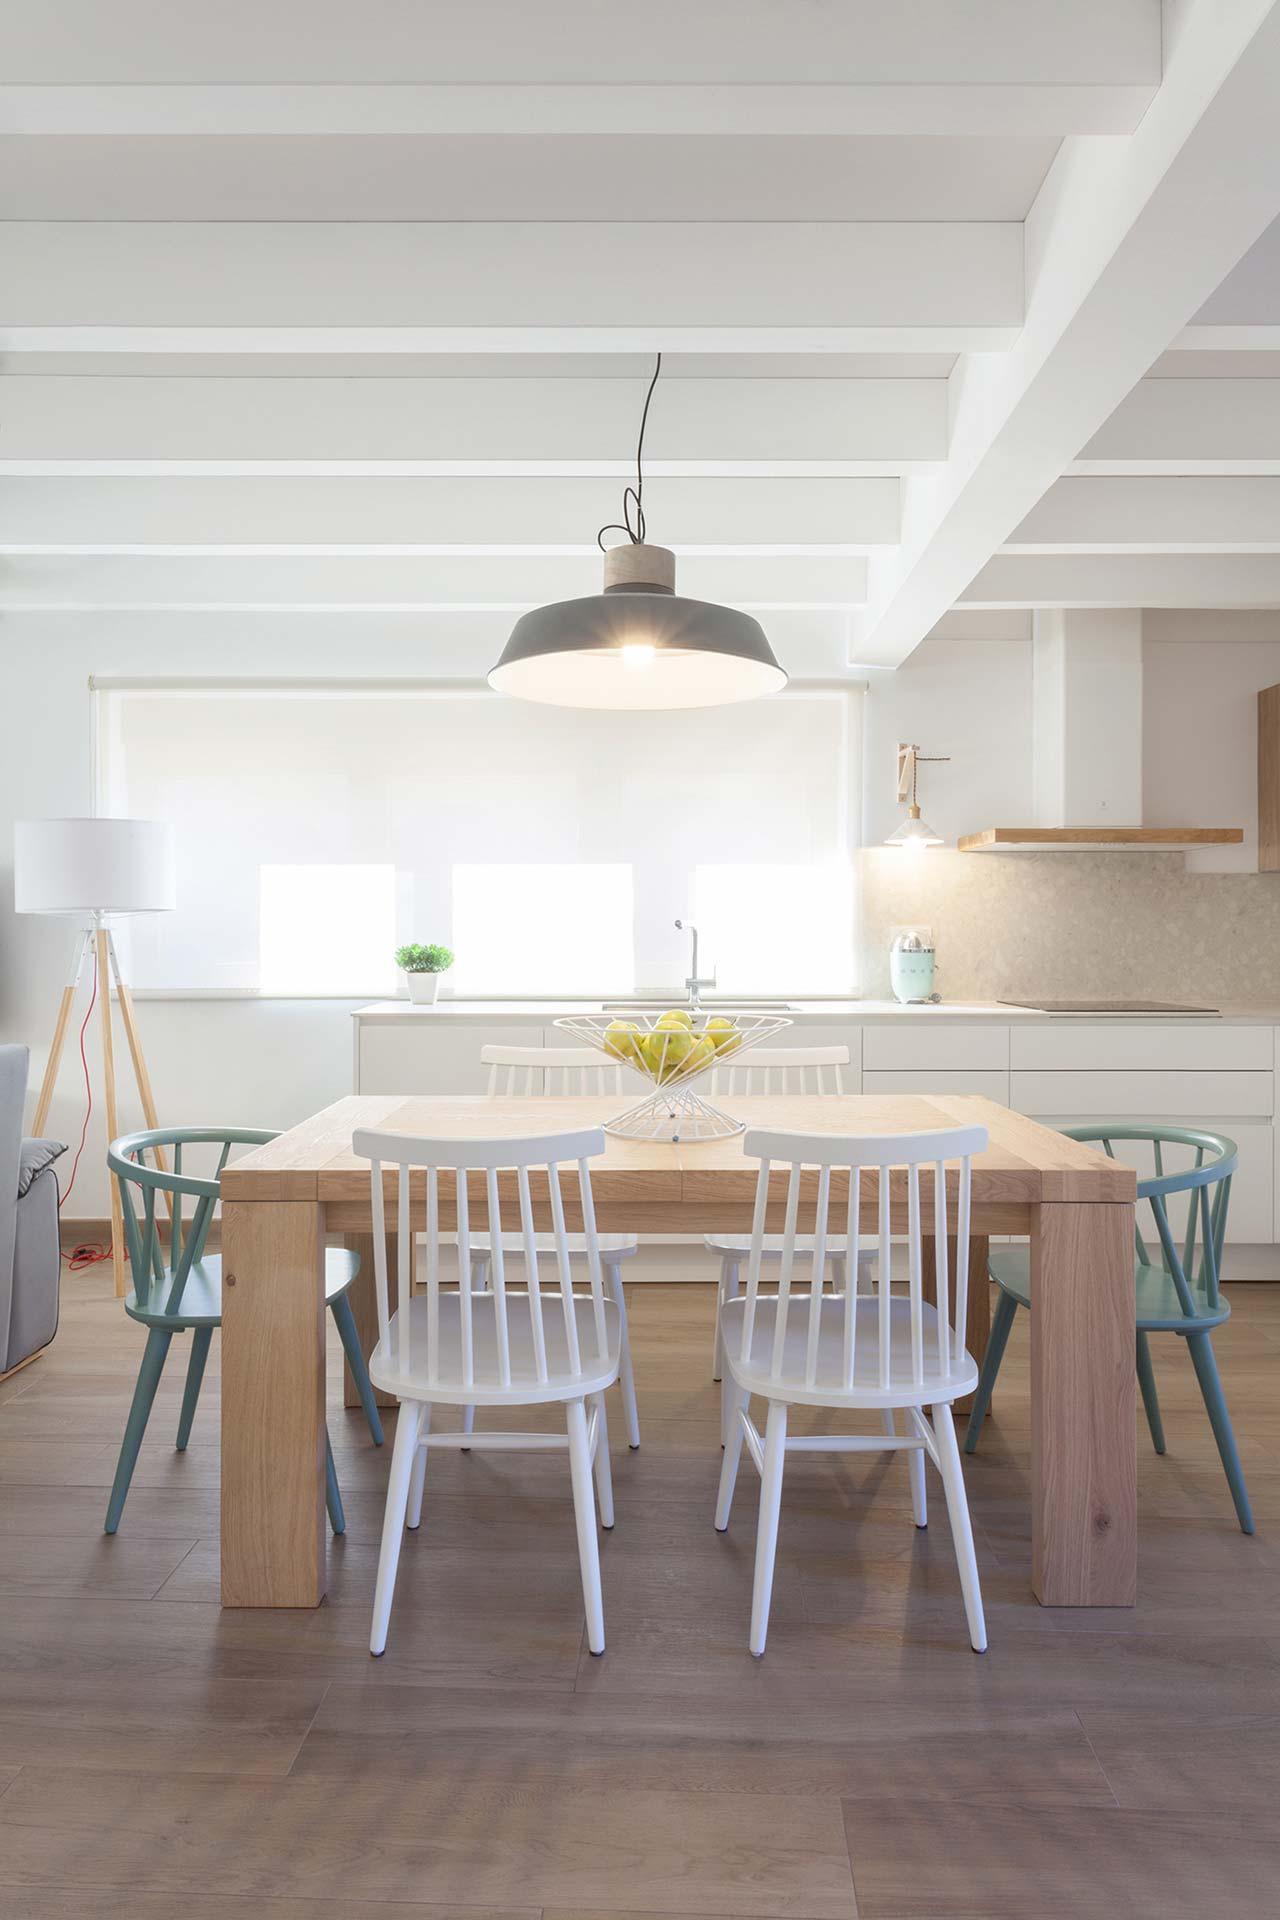 Cozinhas Santos em casas remodeladas, por Andrea Muñoz Diseño